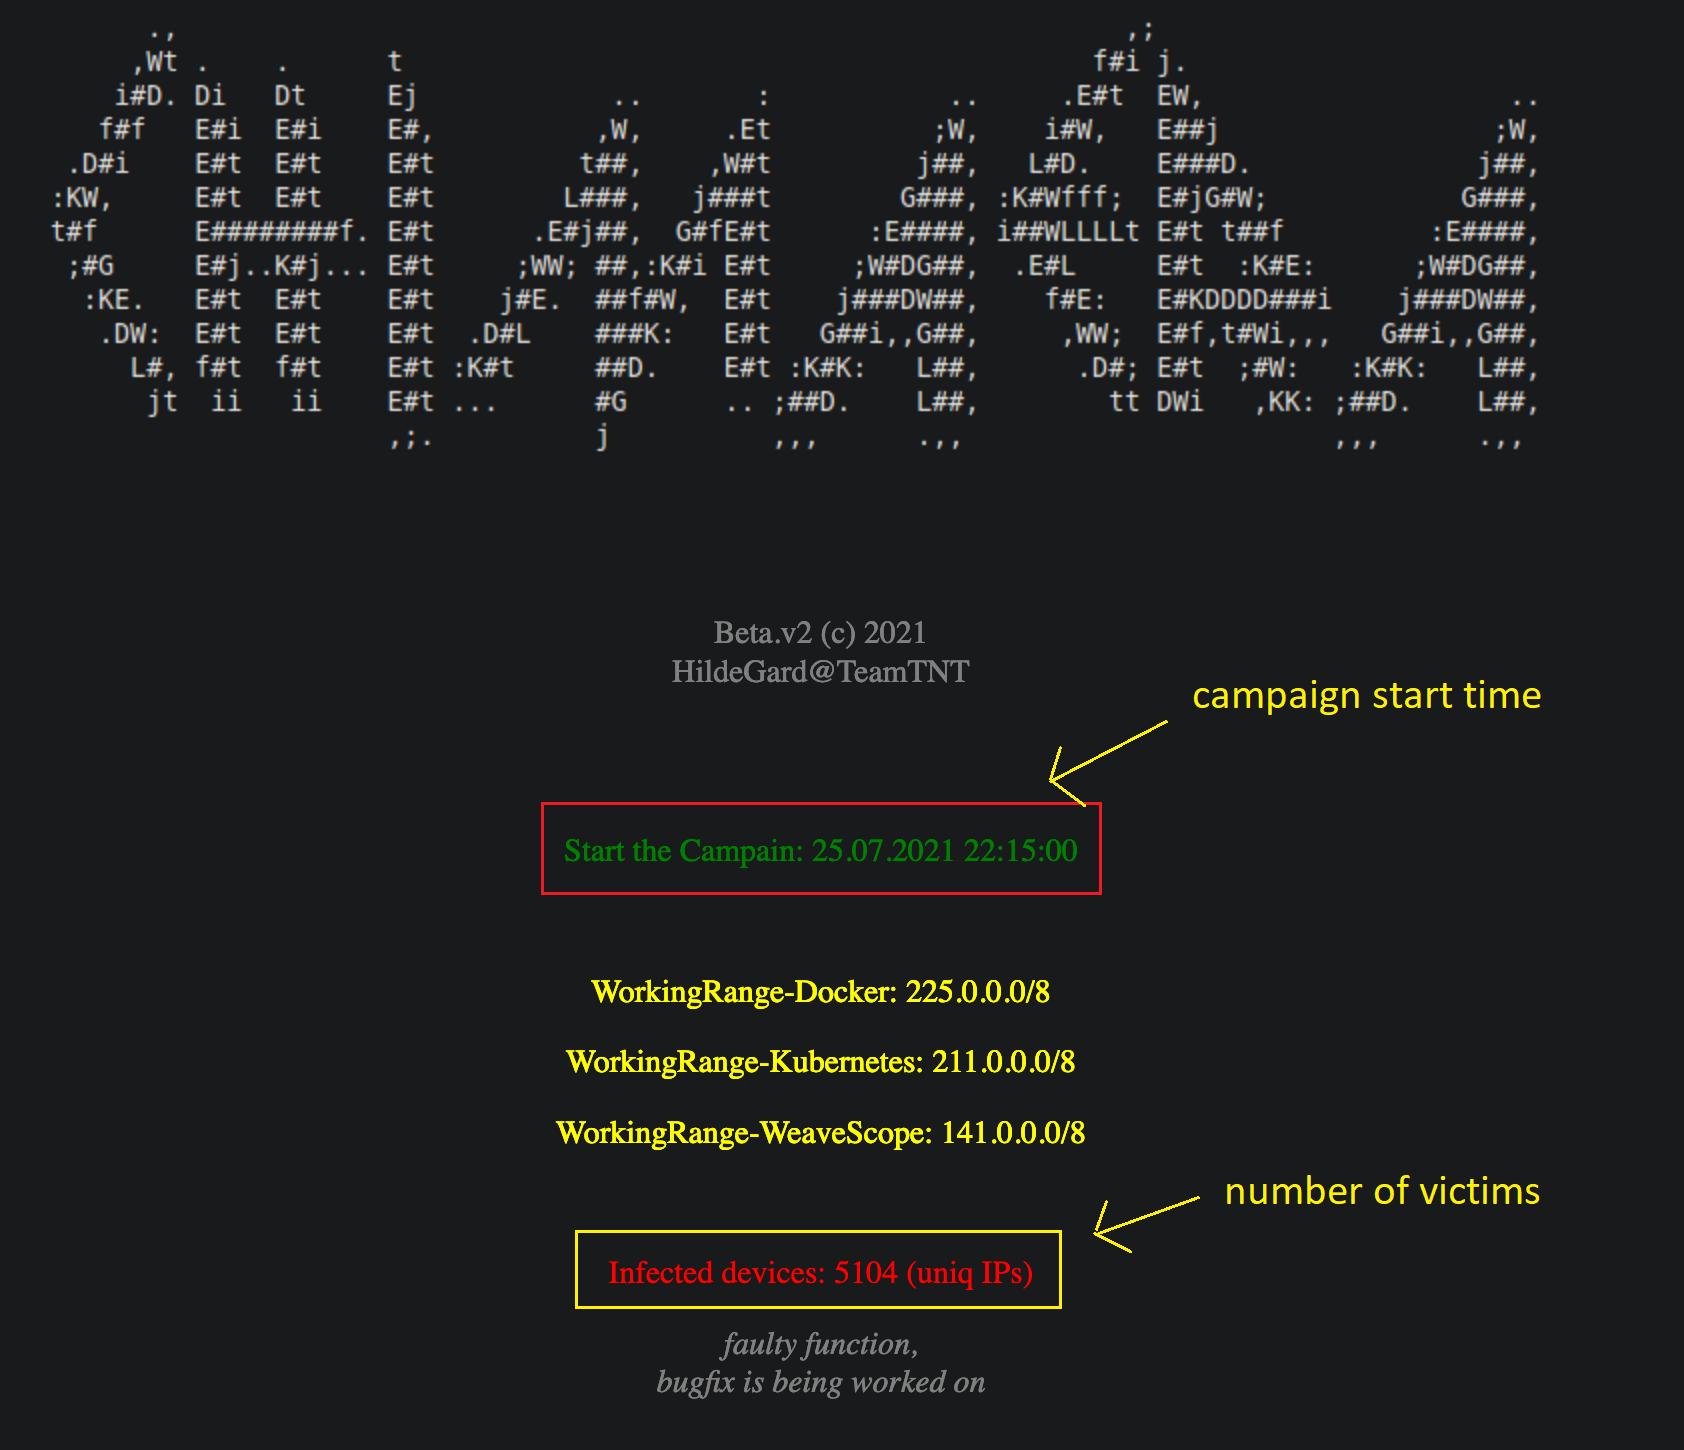 Operação cibercriminosa deixa público, em sua página na dark web, informações como data do início da campanha, número total de IPs infectados, entre outros dados. Foto: AT&T Alien Labs